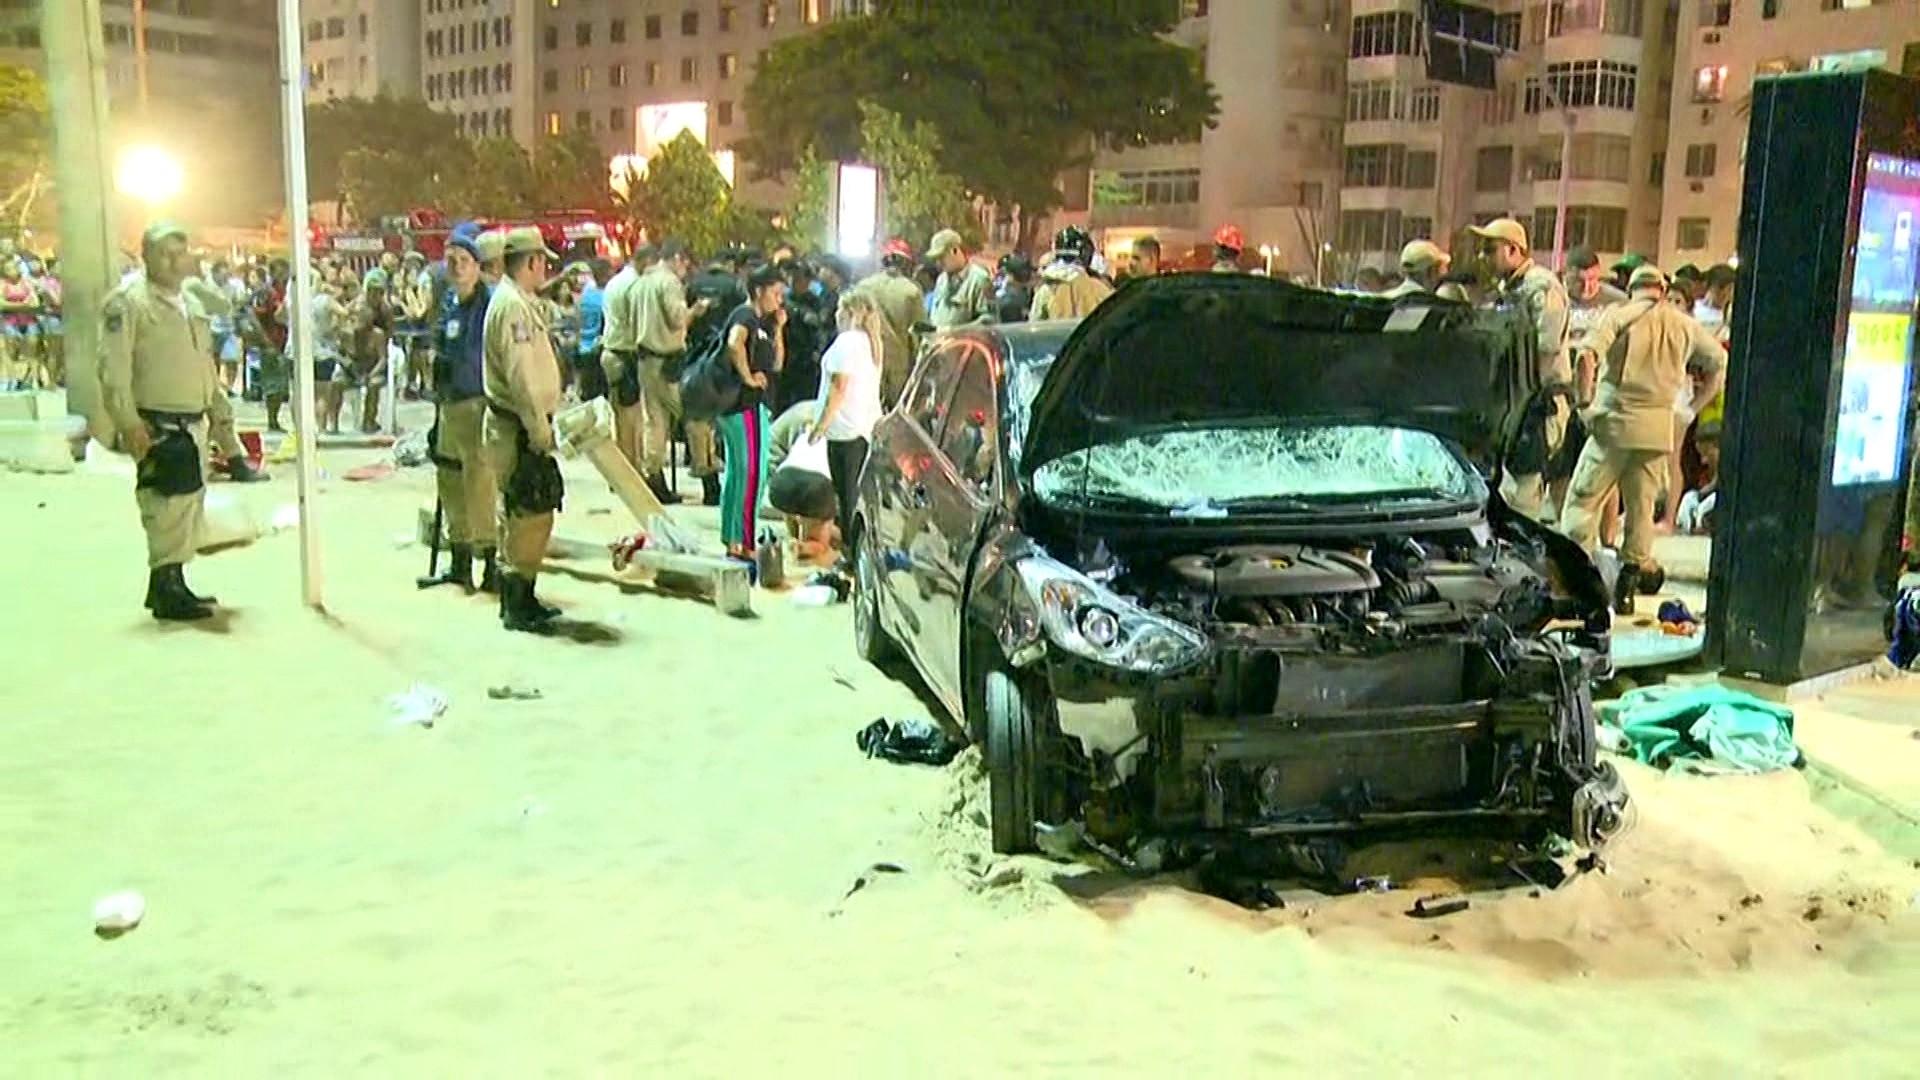 Atropelamento em Copacabana: quais as restrições para que pessoas com epilepsia dirijam?